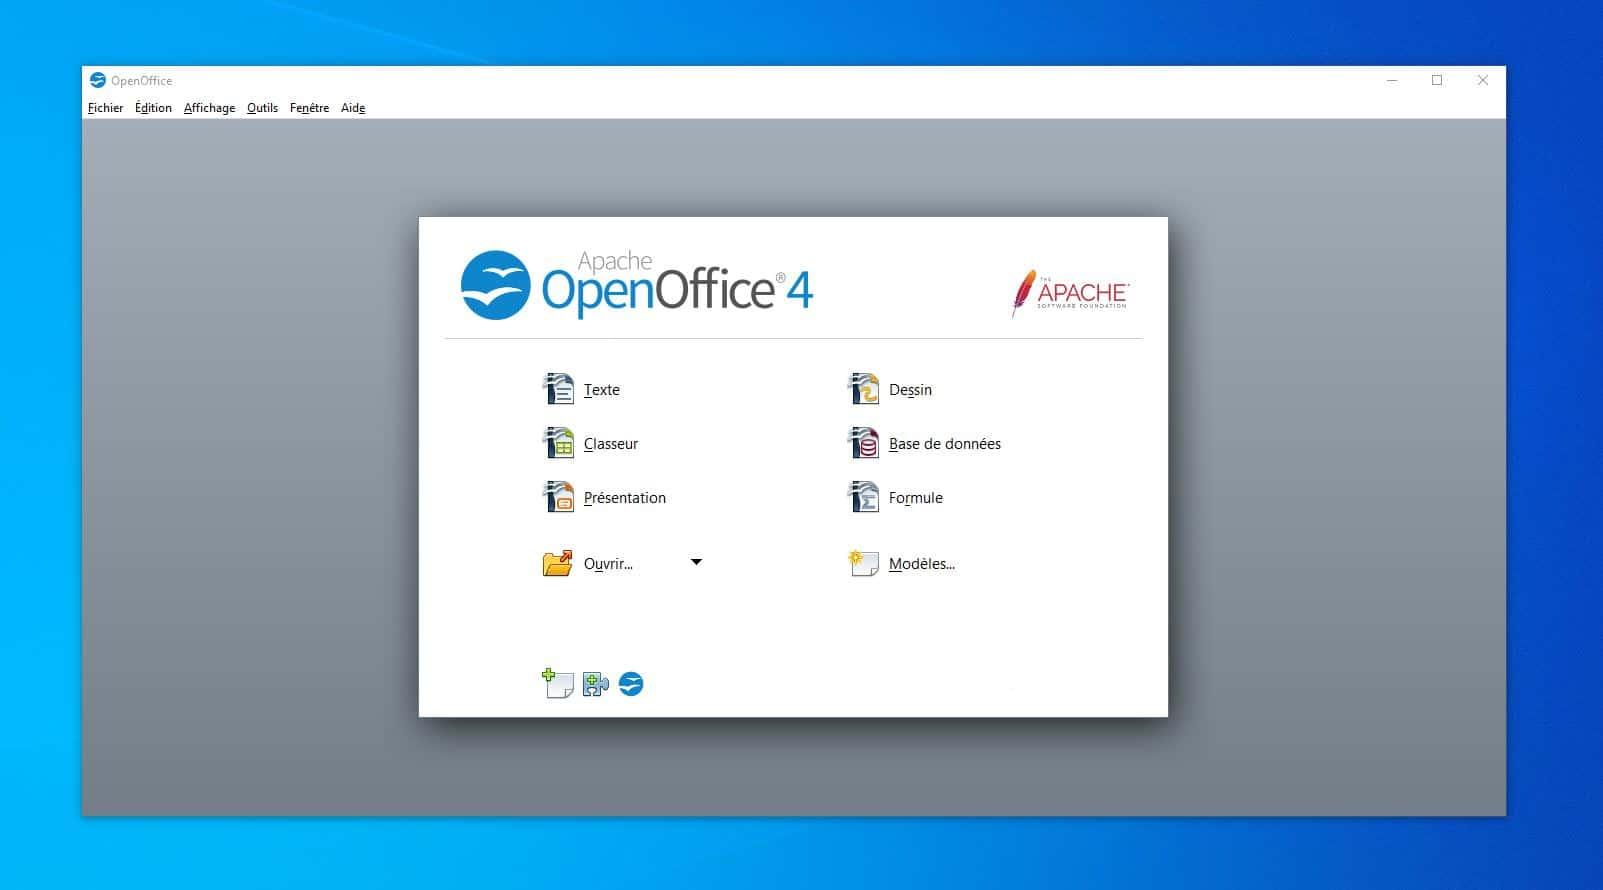 Comment mettre en format paysage sur open office ?